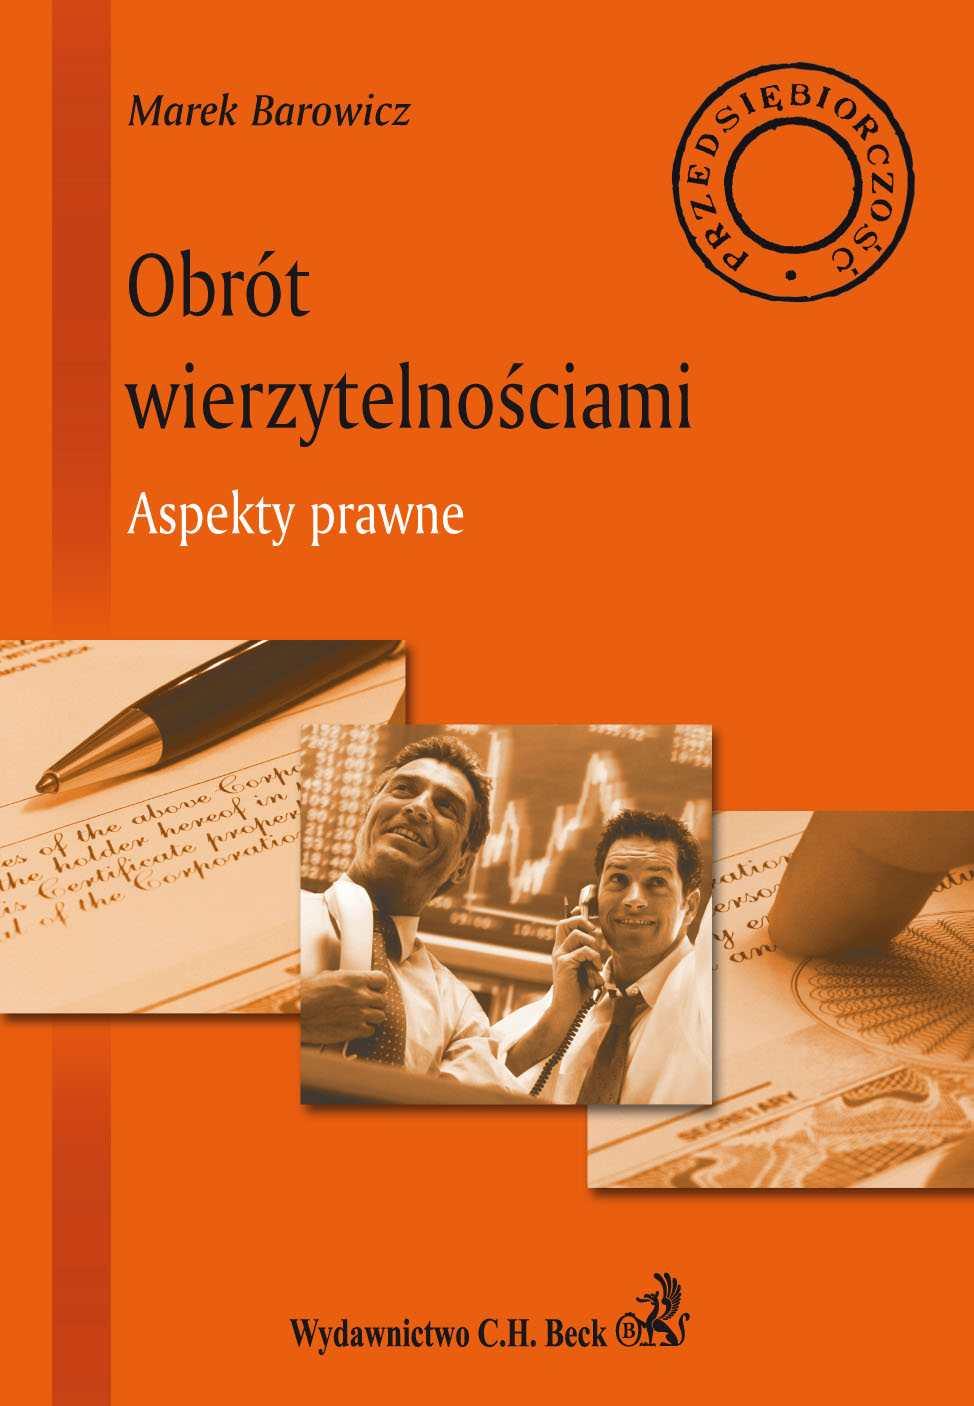 Obrót wierzytelnościami Aspekty prawne - Ebook (Książka PDF) do pobrania w formacie PDF